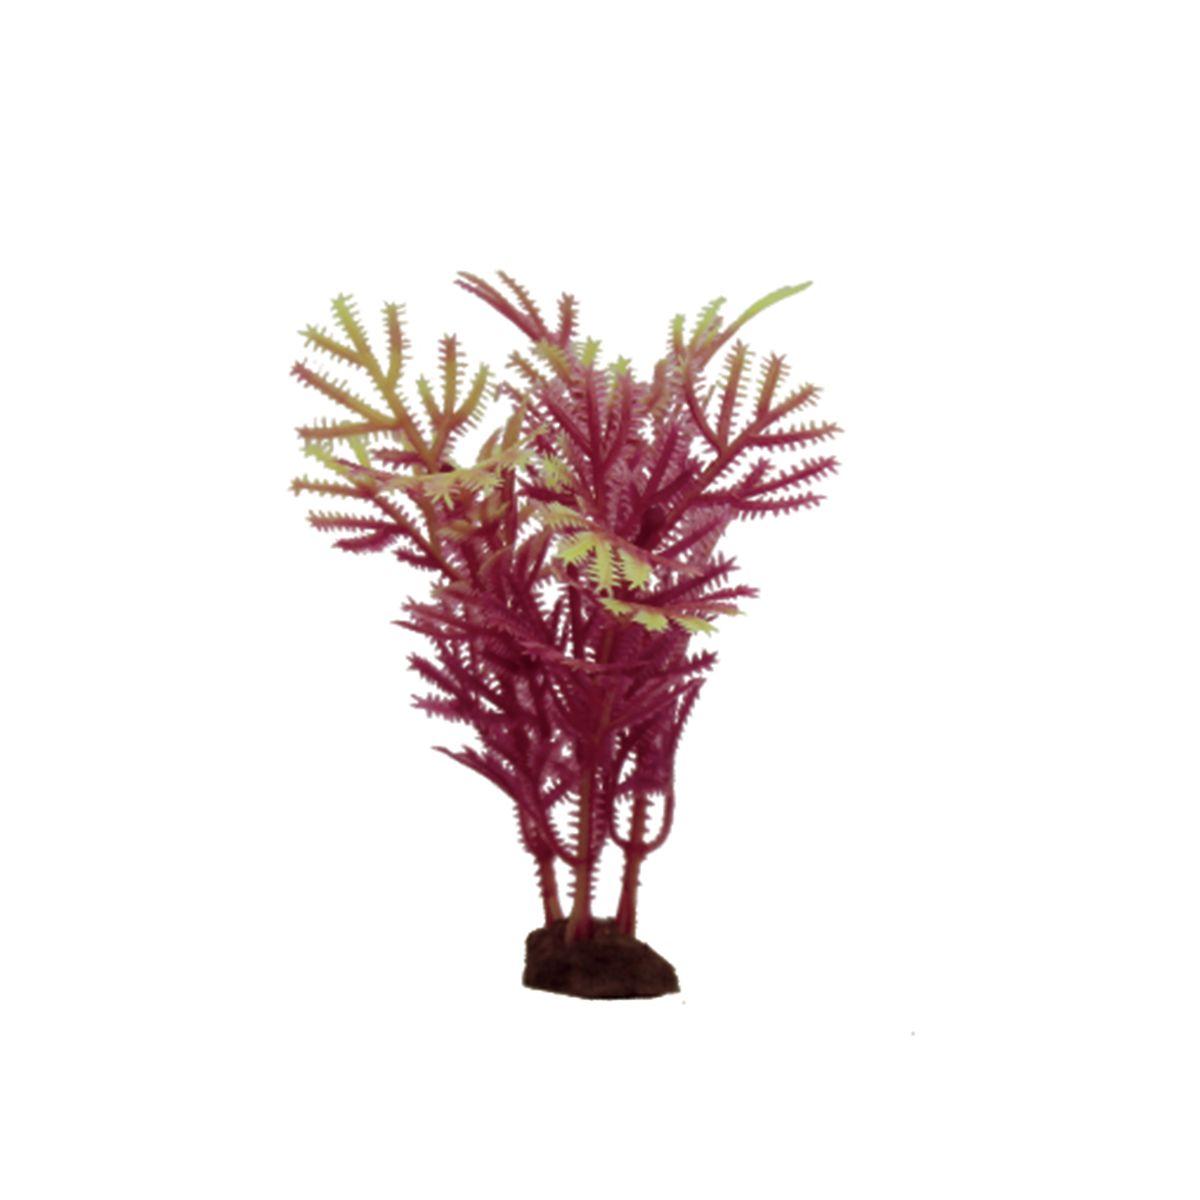 Растение для аквариума ArtUniq Хоттиния красно-желтая, высота 10 см, 6 шт0120710Растение для аквариума ArtUniq Хоттиния красно-желтая, высота 10 см, 6 шт